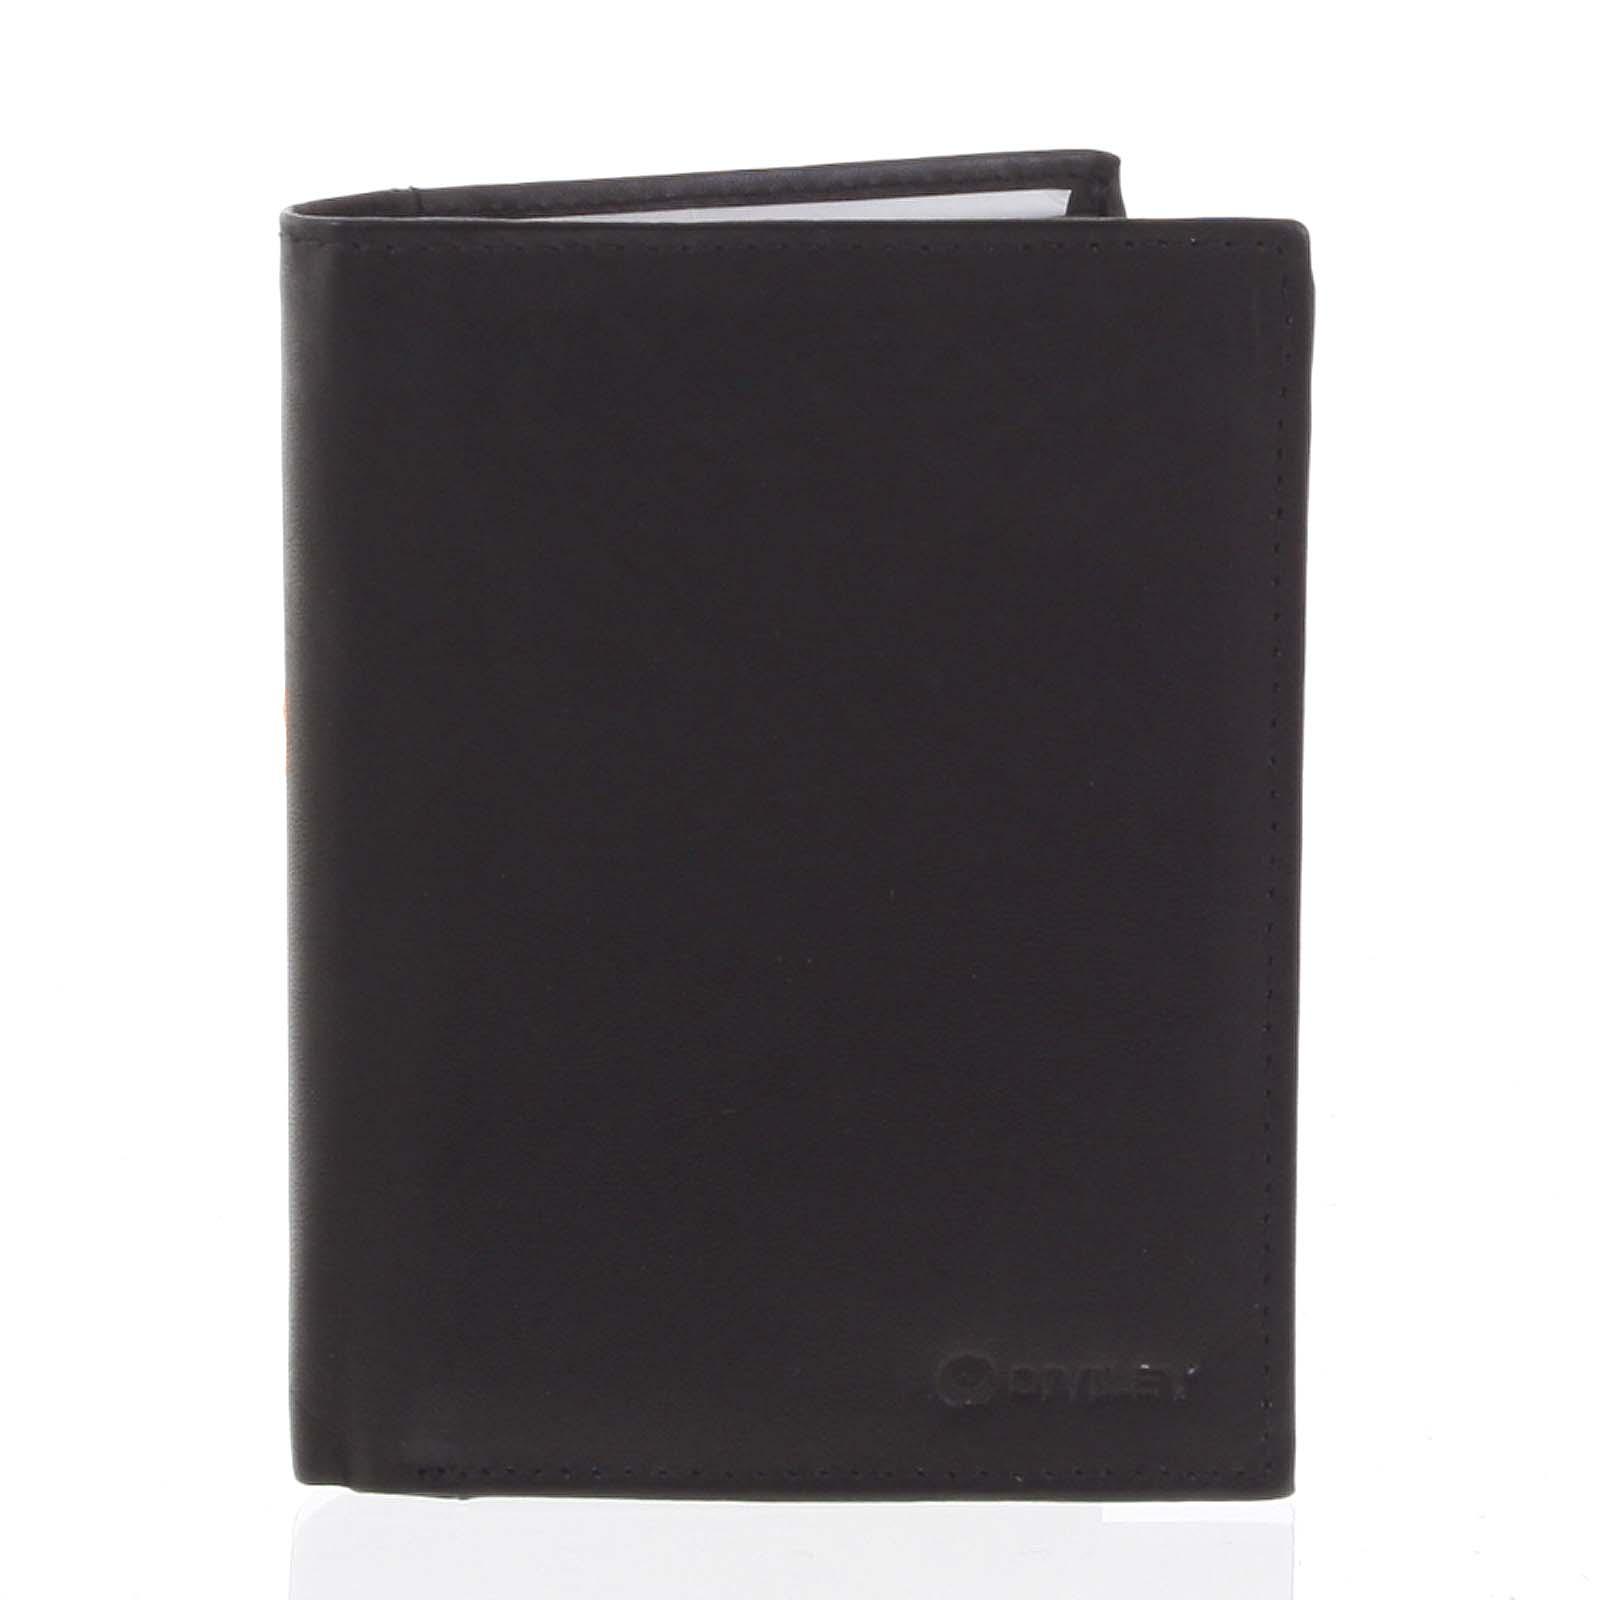 Pánská pevná kožená peněženka černá - Diviley Kainat černá